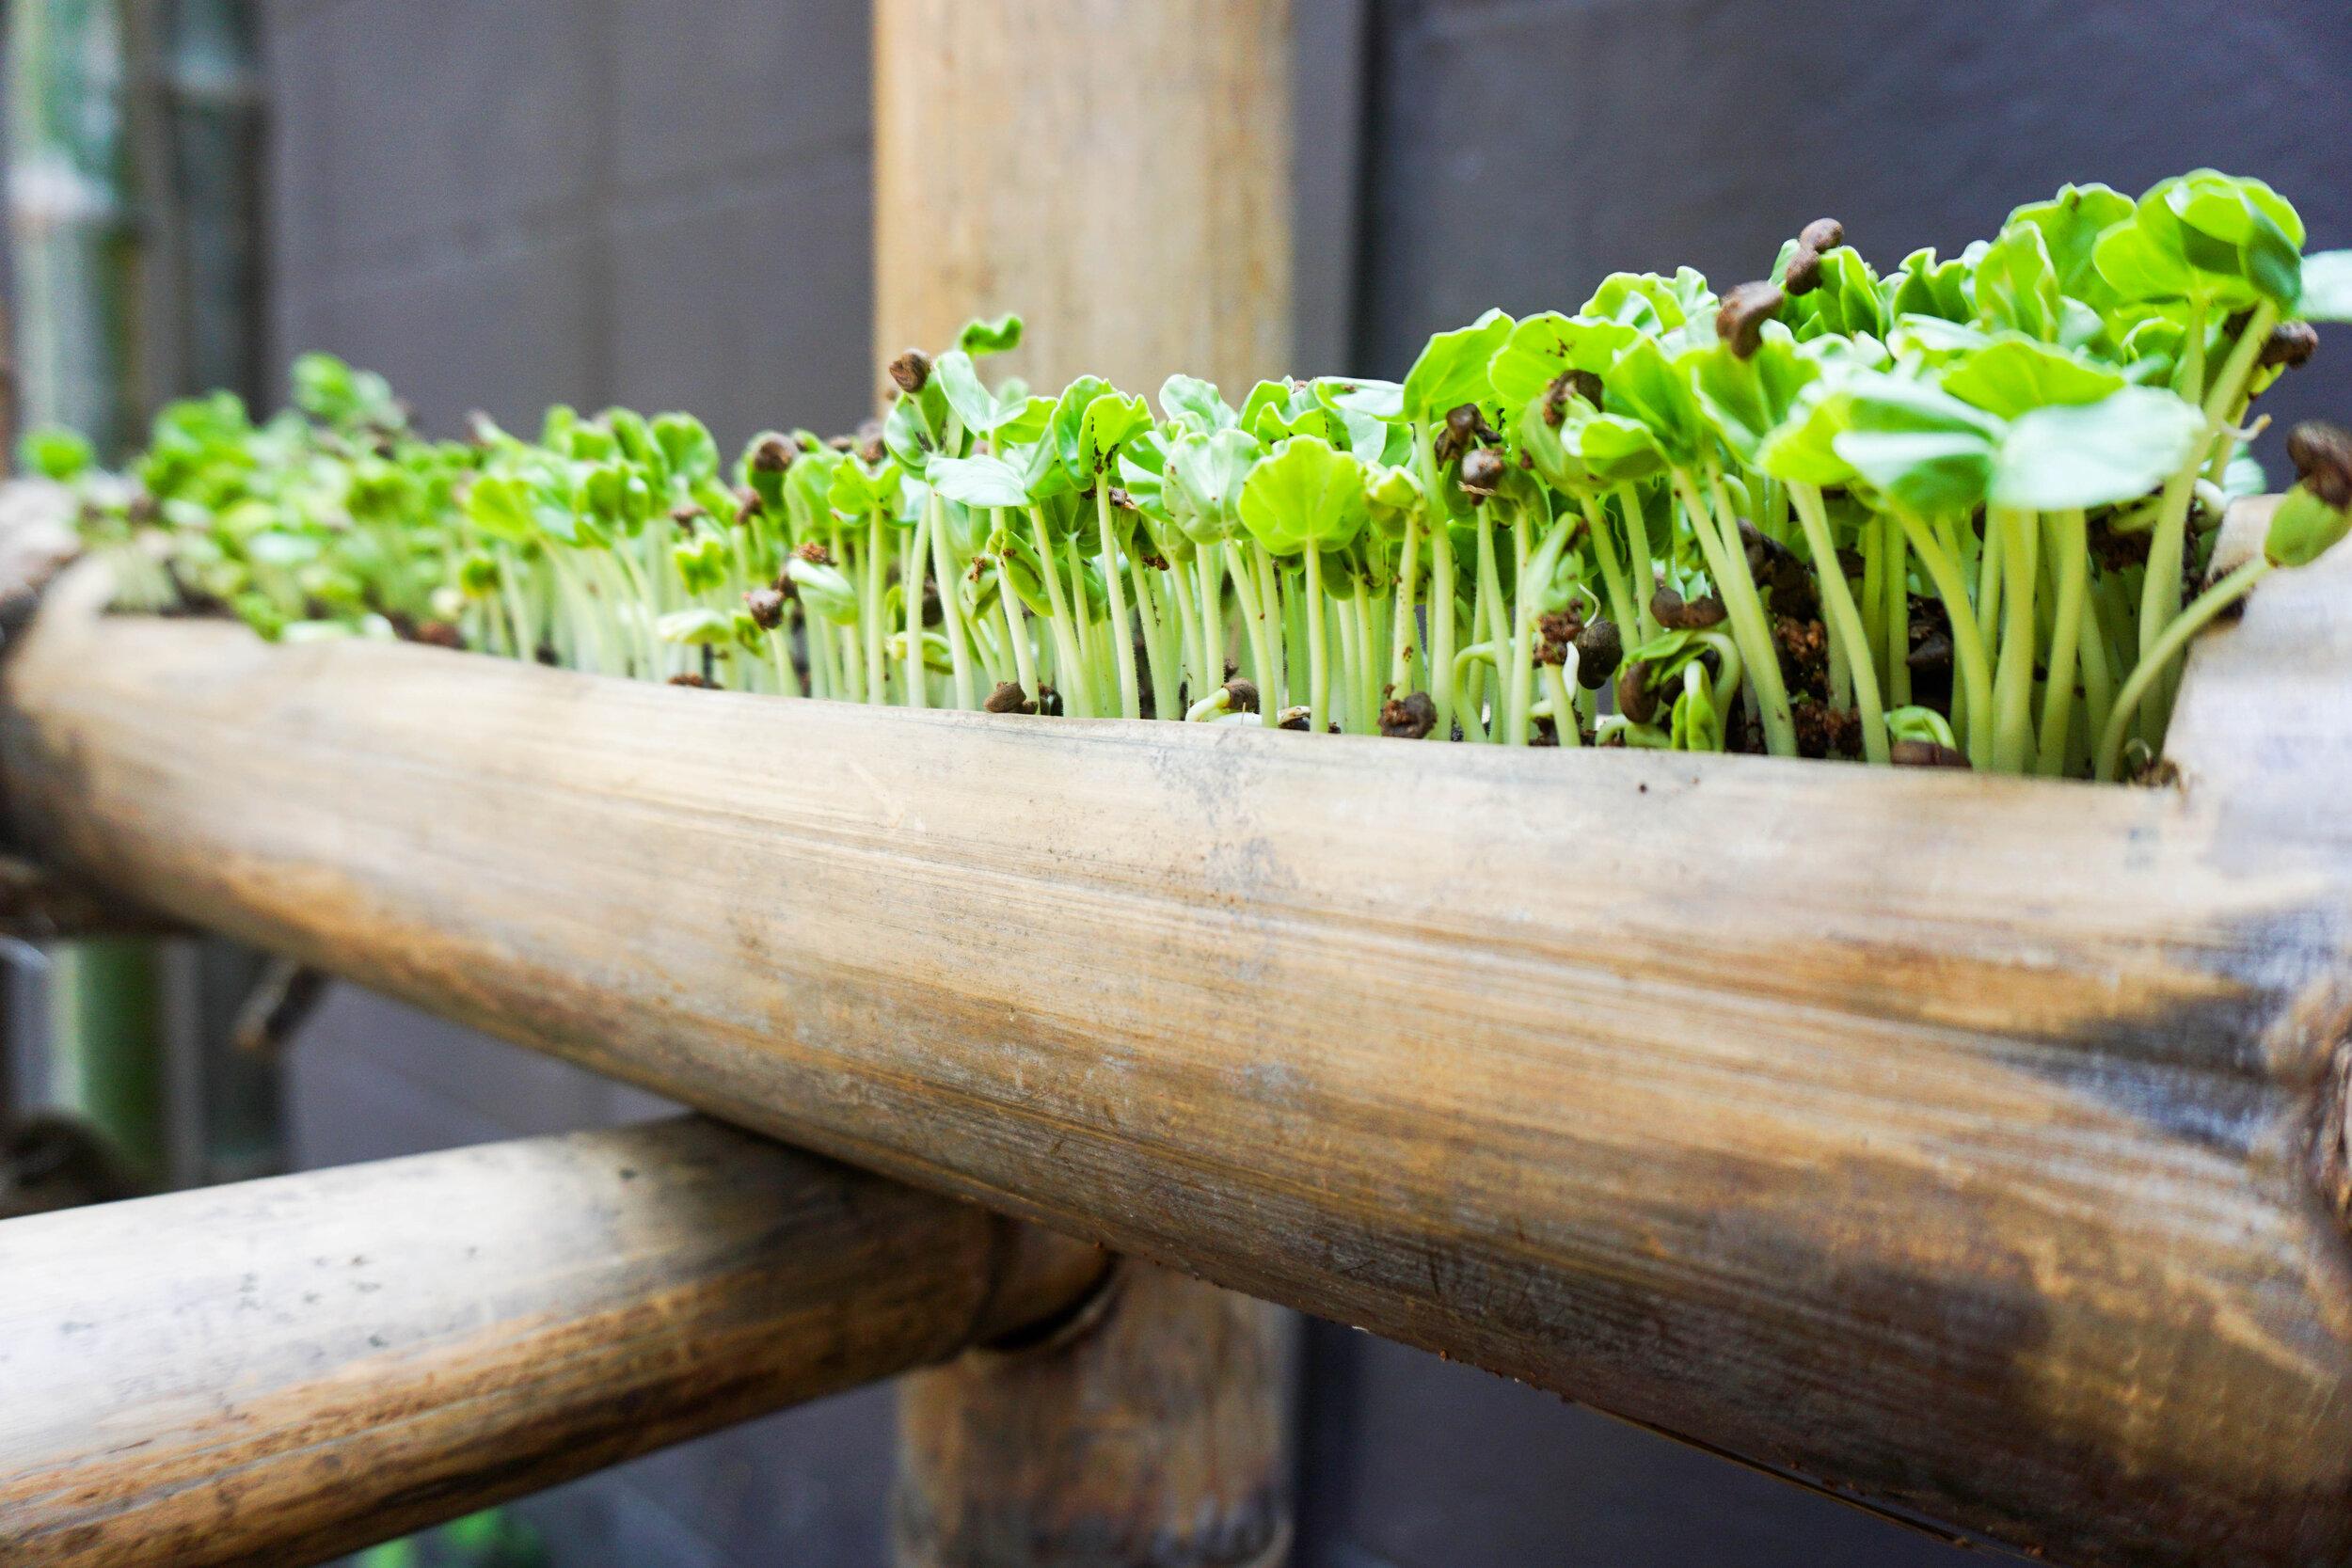 Bo.lan Edible Garden: Micro-greens bamboo planter in ZONE H - The Fresh Air Tunnel